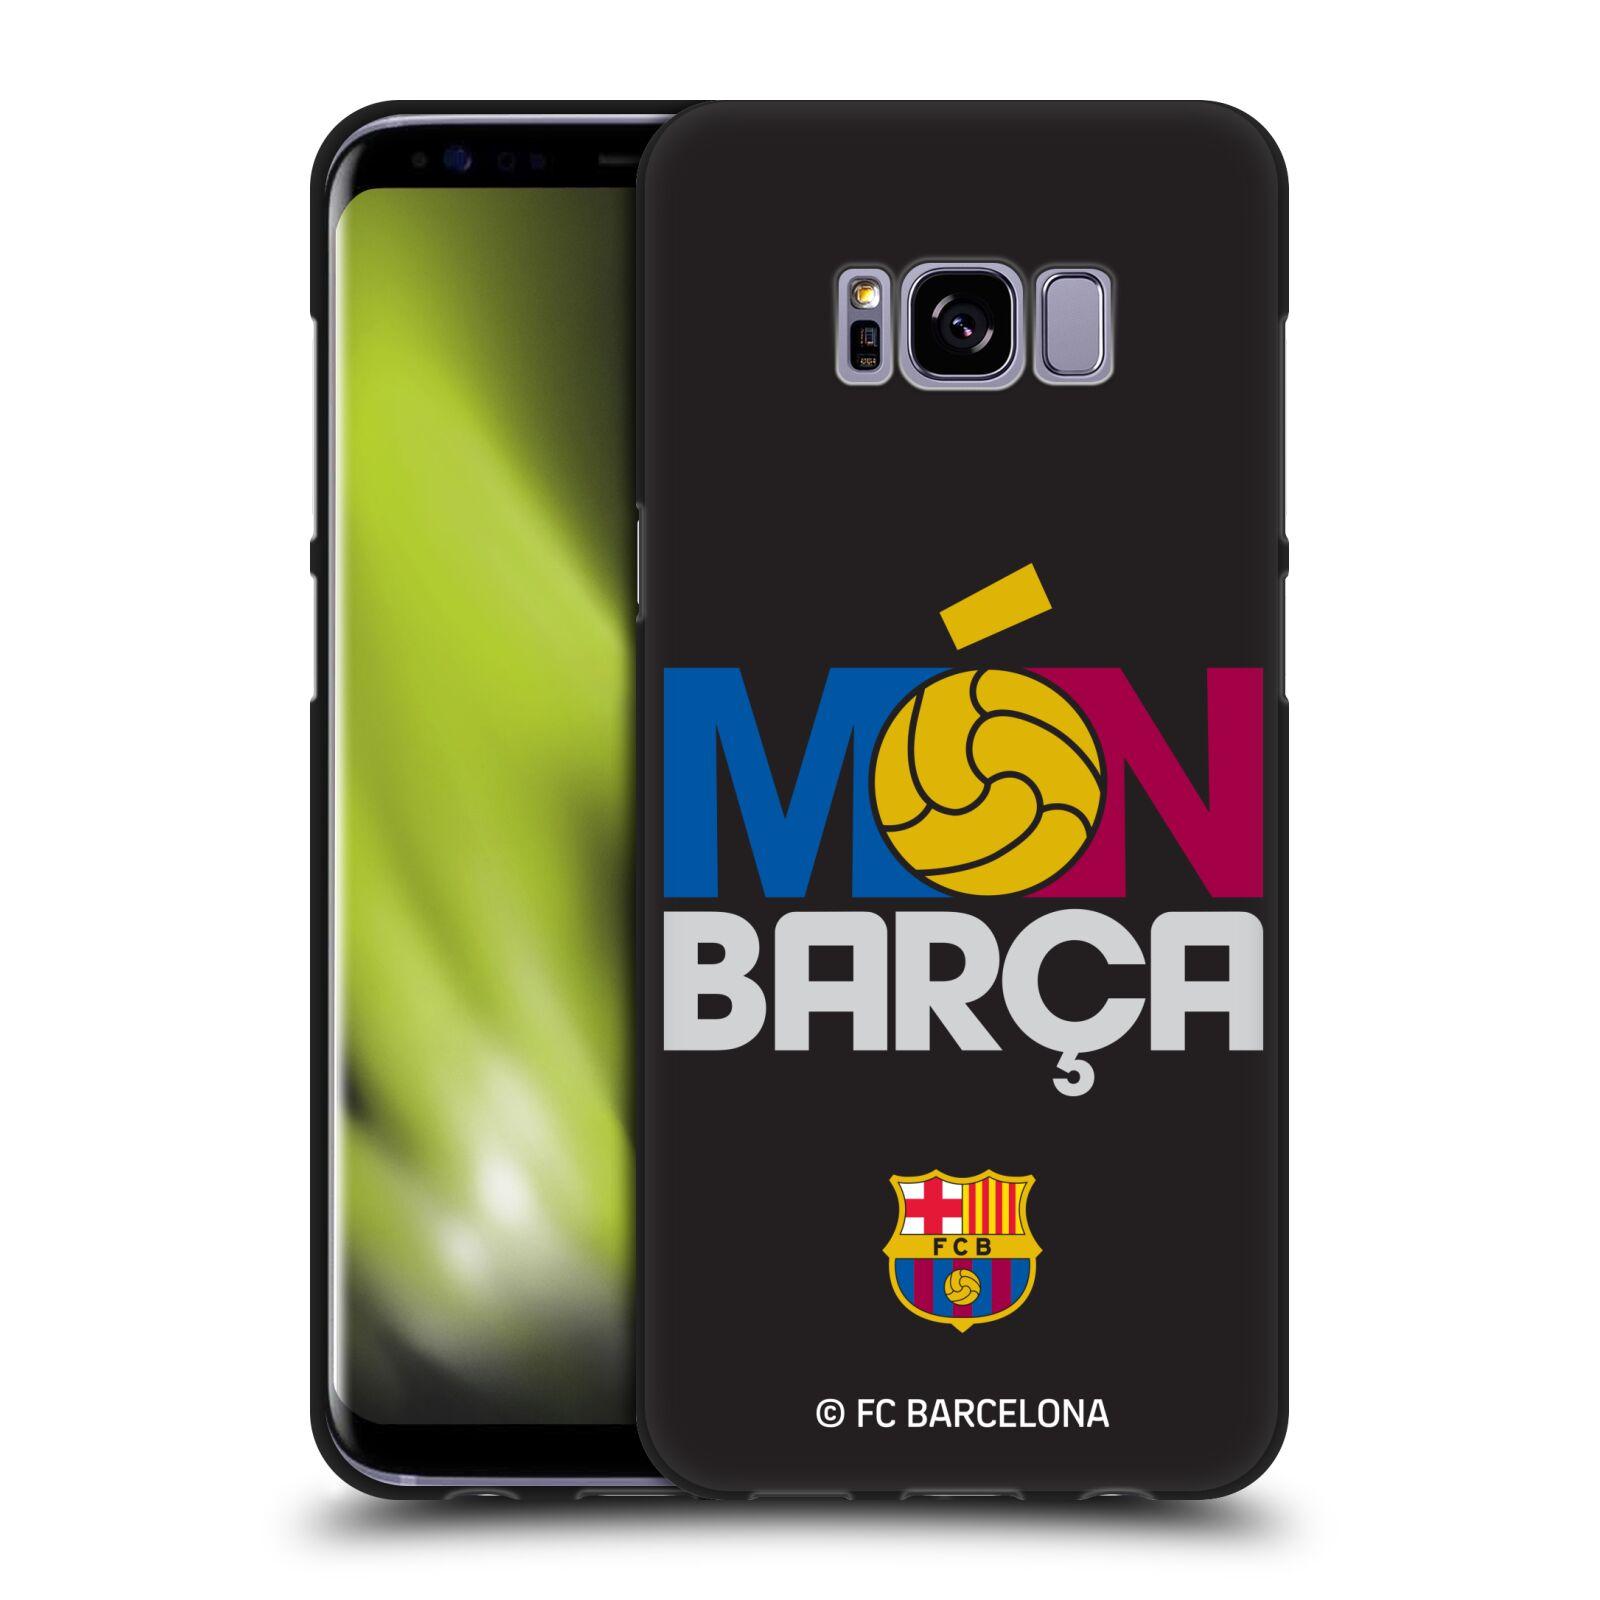 OFFICIAL-FC-BARCELONA-2017-18-CAMPIONS-BLACK-SOFT-GEL-CASE-FOR-SAMSUNG-PHONES-1